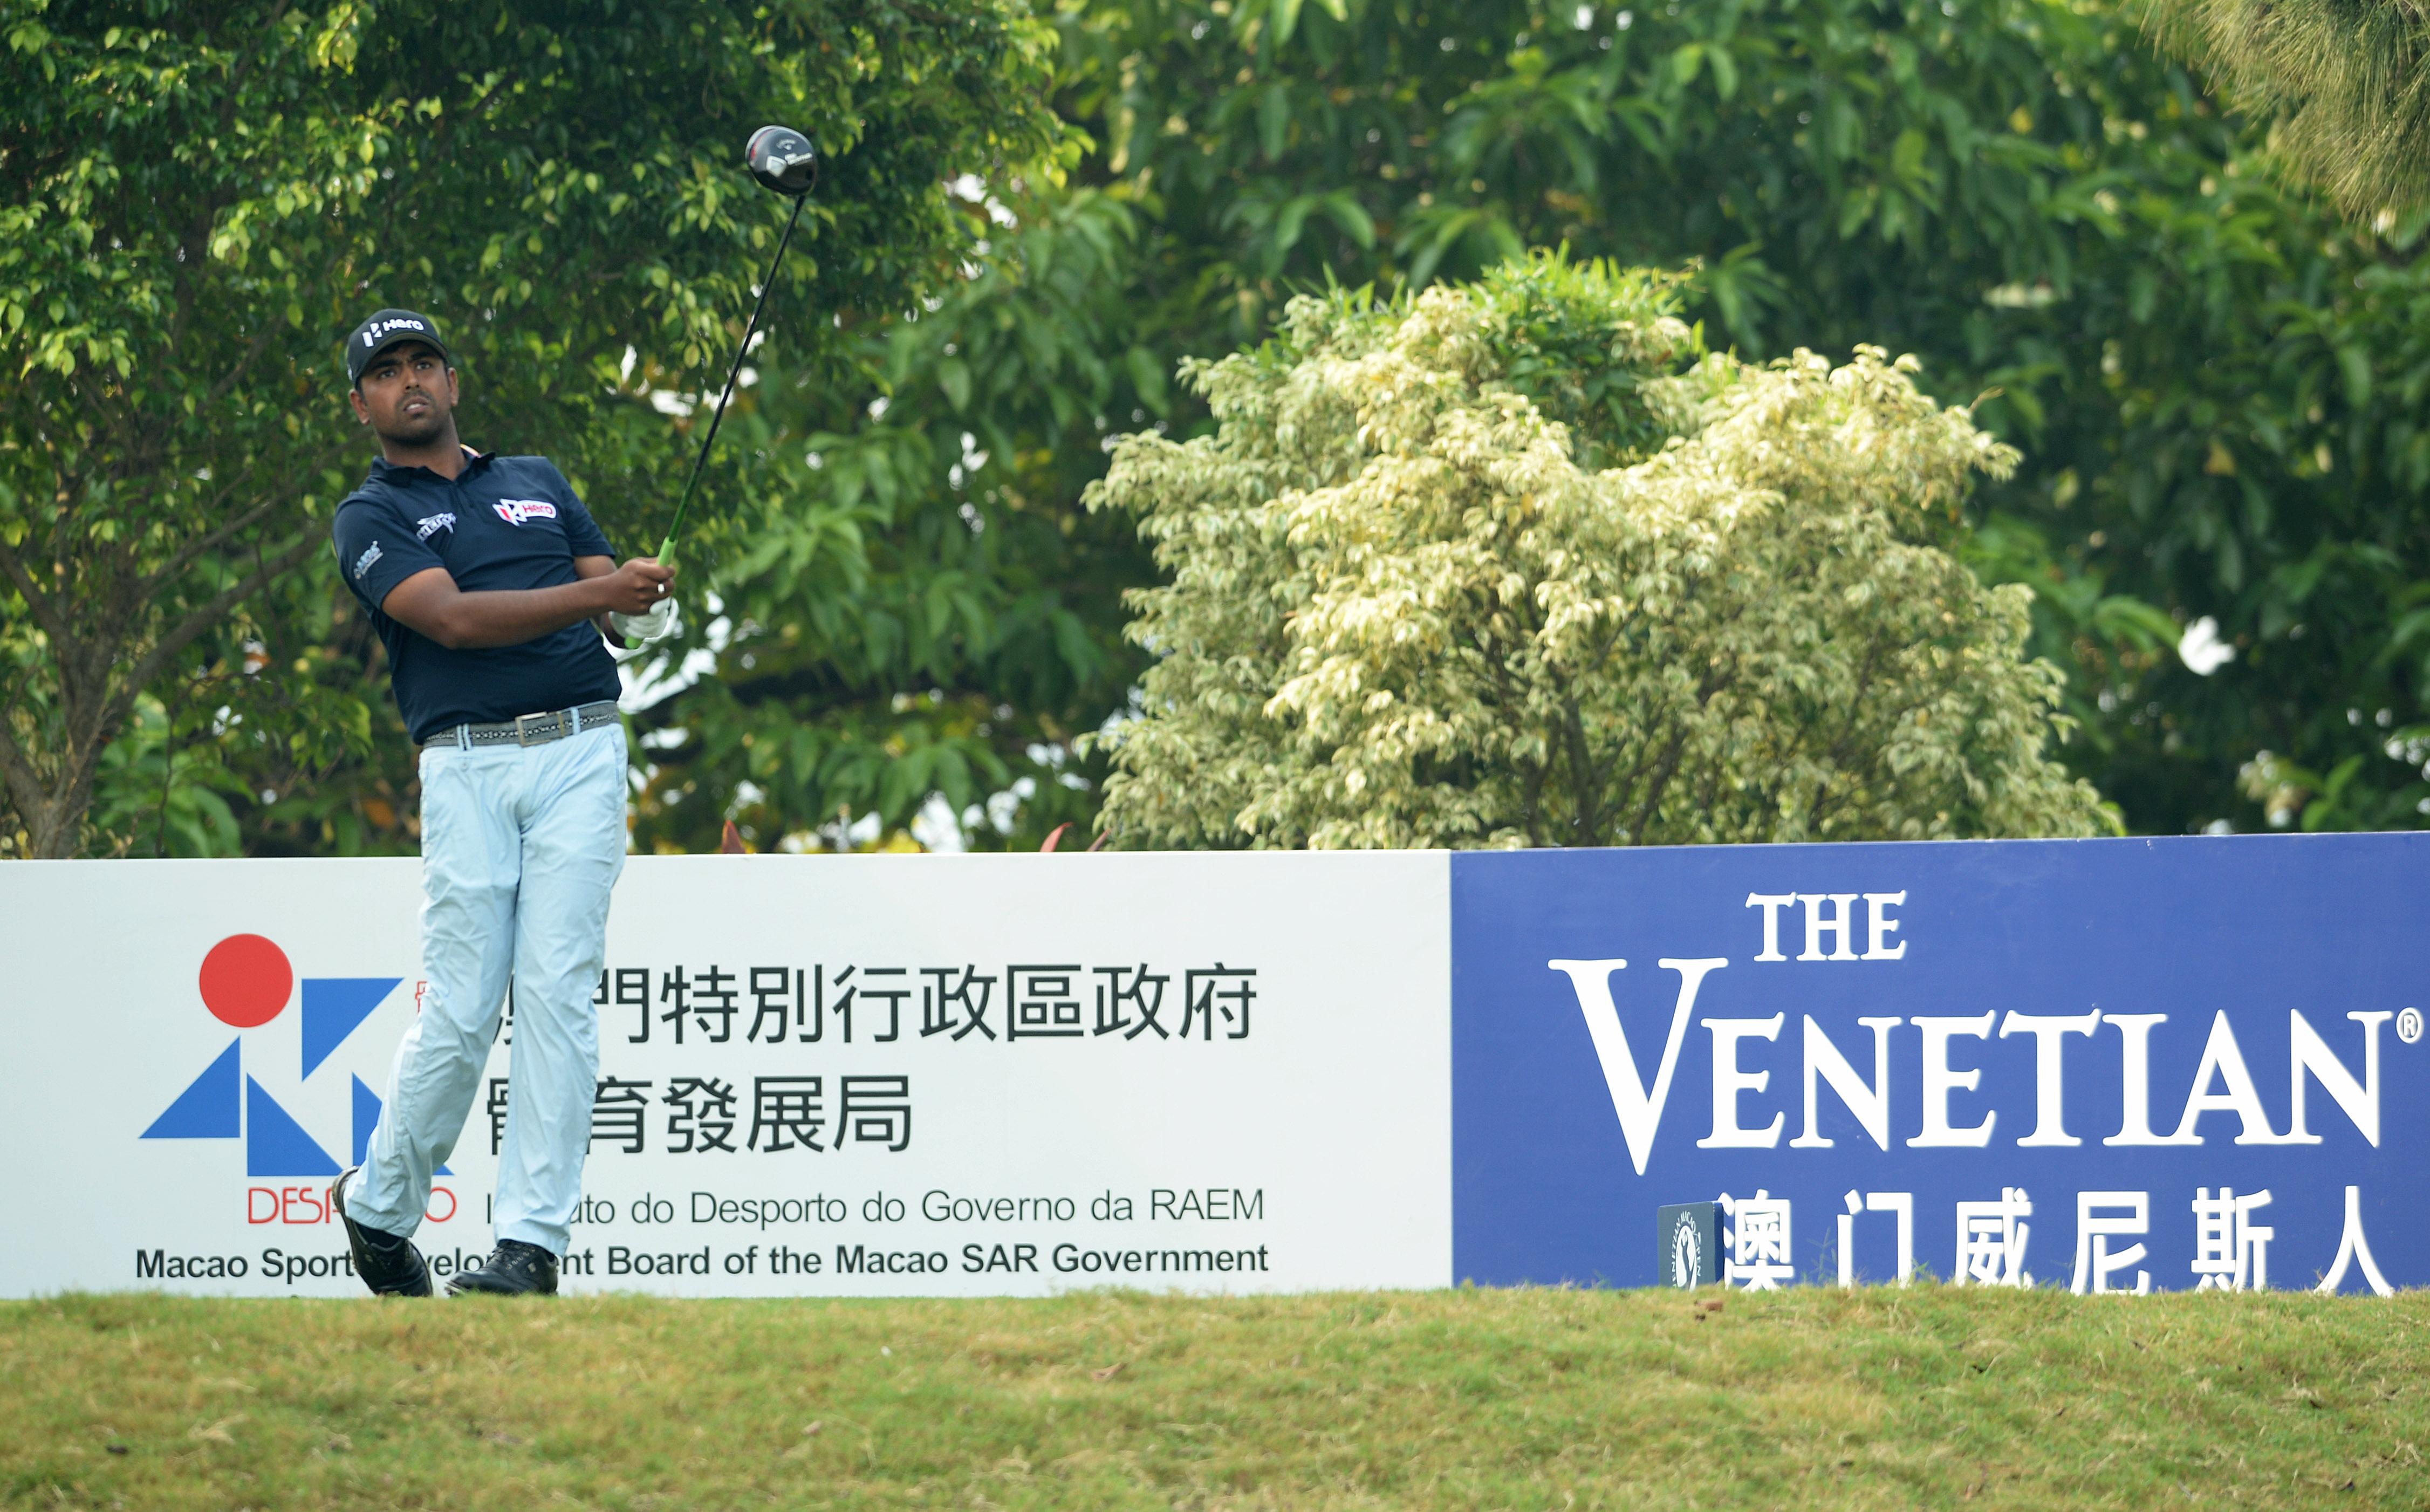 威尼斯人澳门高尔夫球公开赛次日赛事 球手奋力迎战争取决赛席位